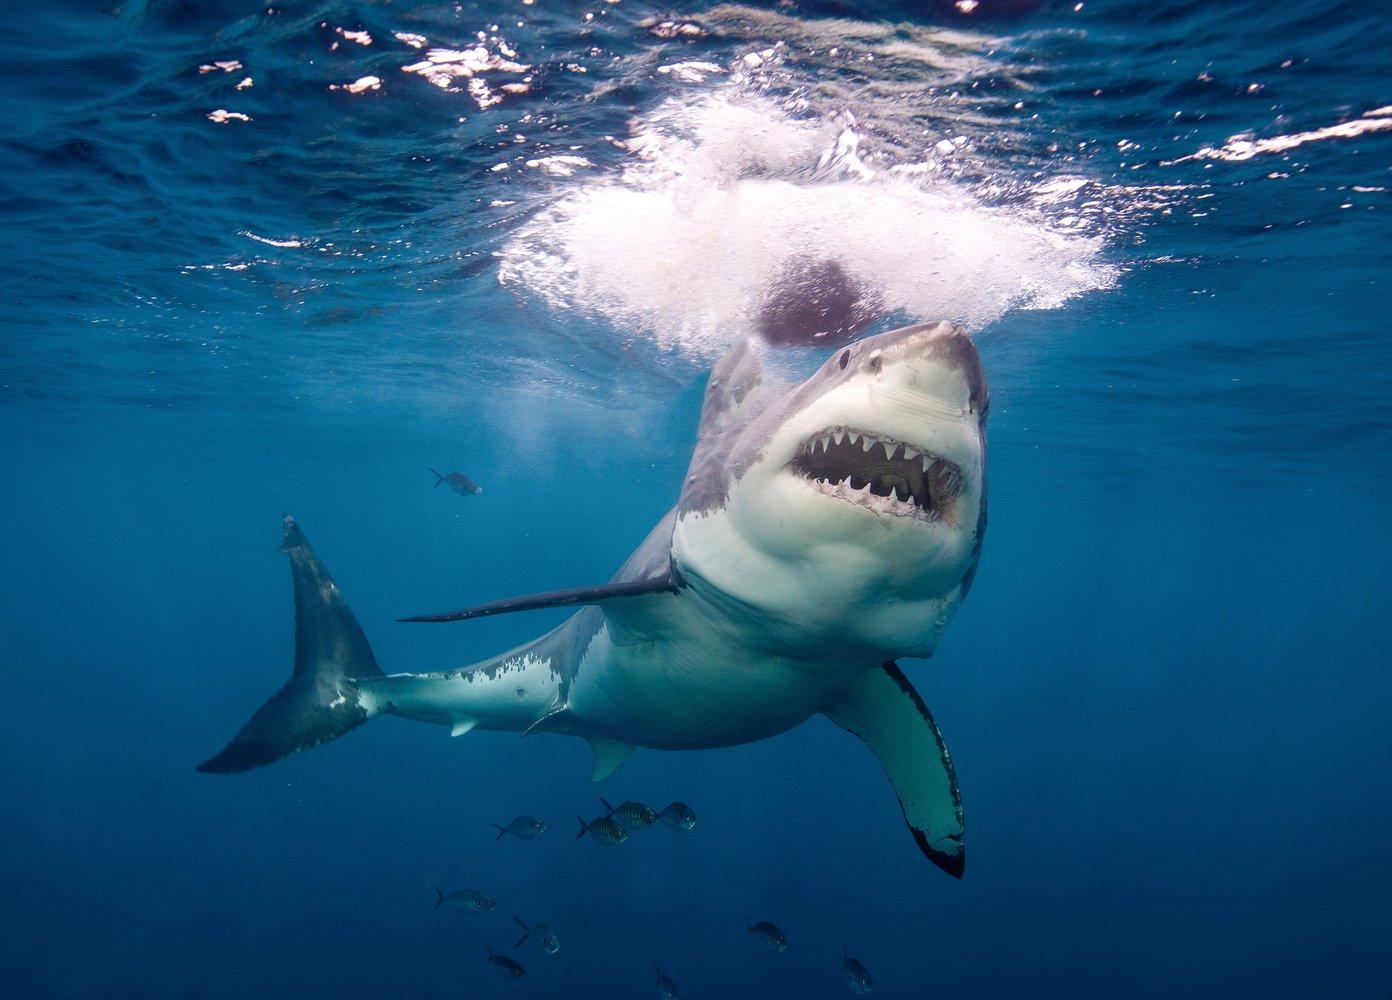 В Австралии за год зафиксировано 7 случаев убийства людей акулами